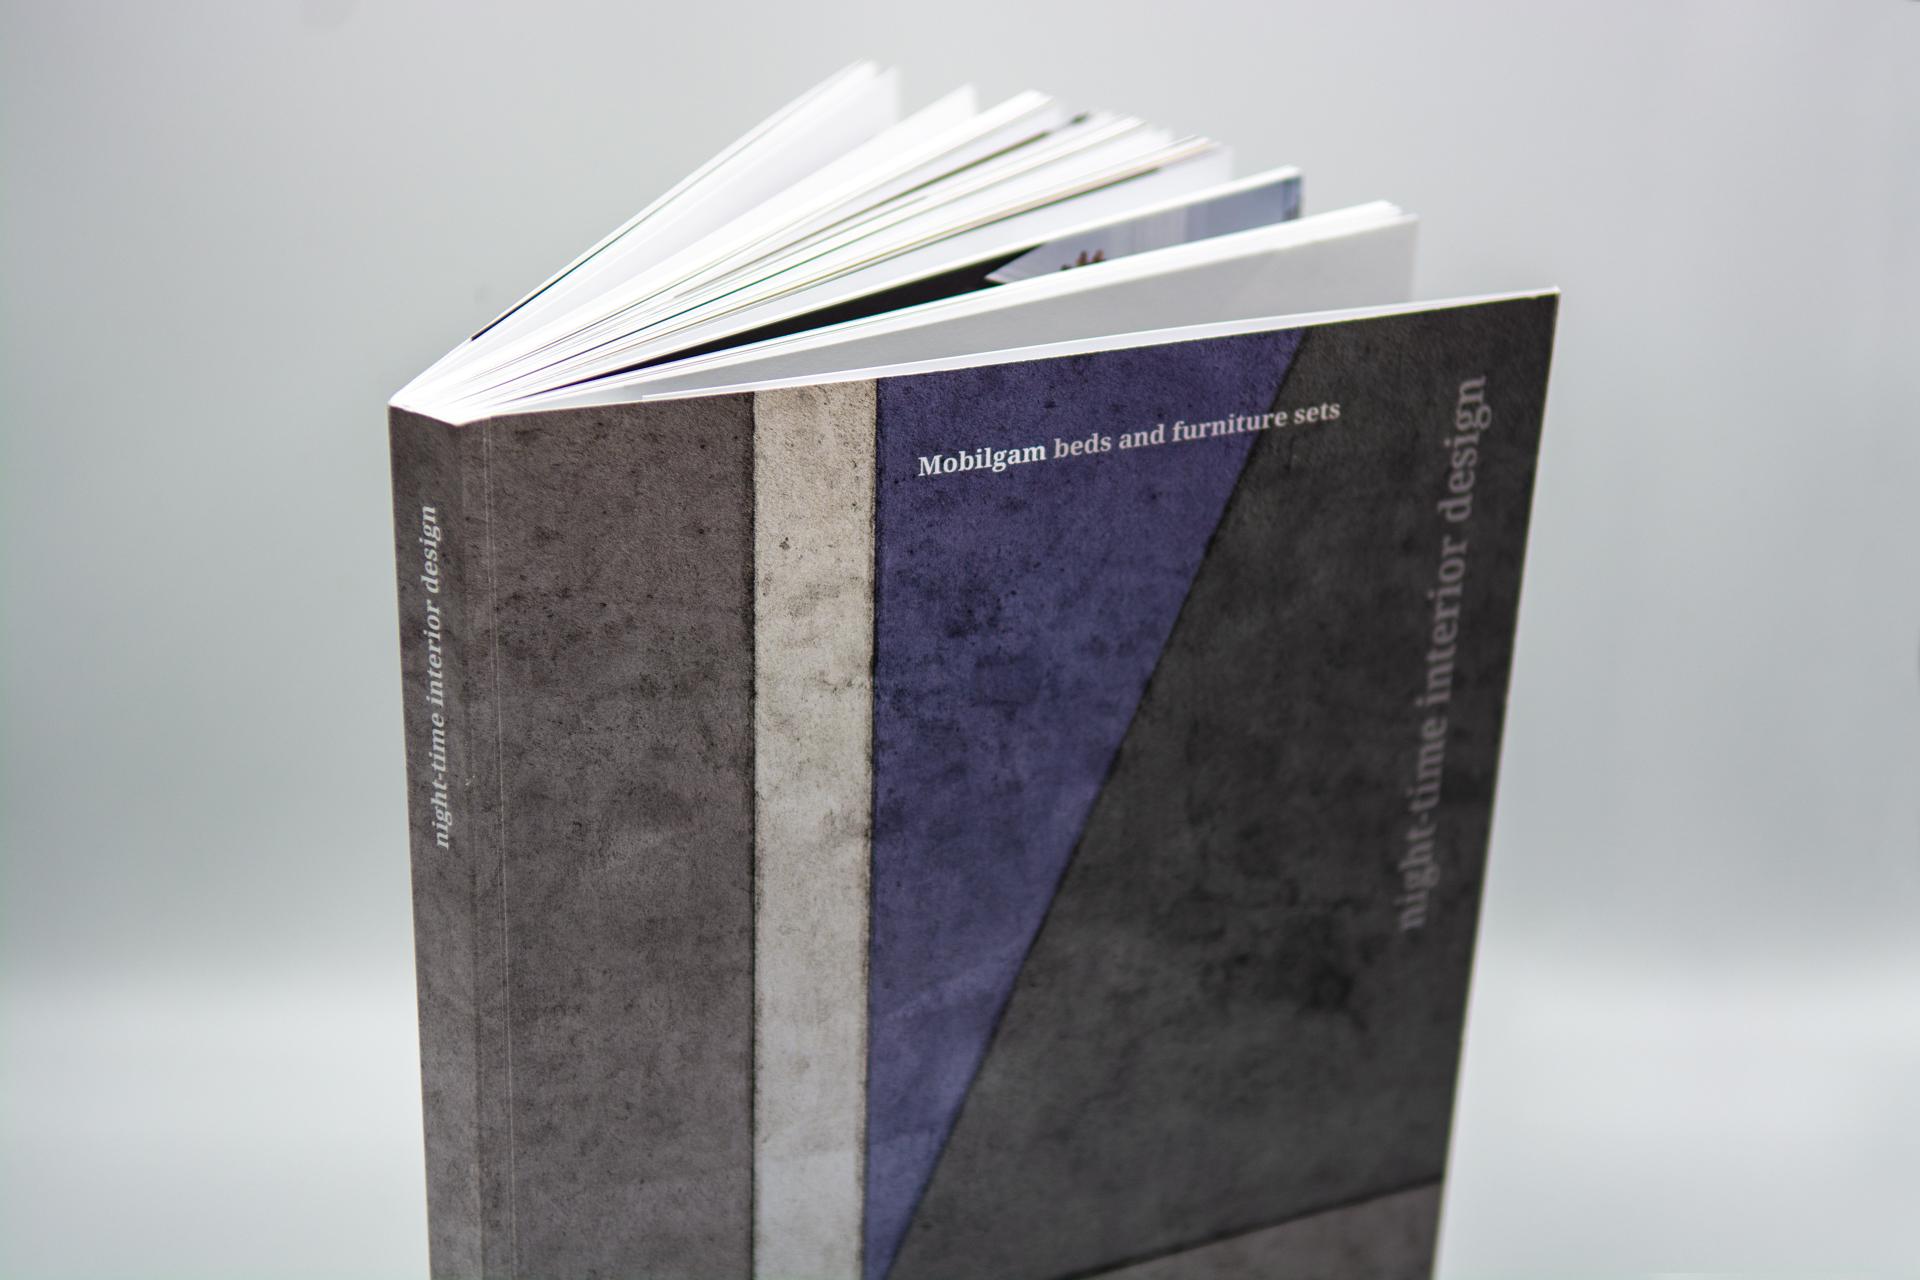 mobilgam-catalogo-notte-copertina-lato